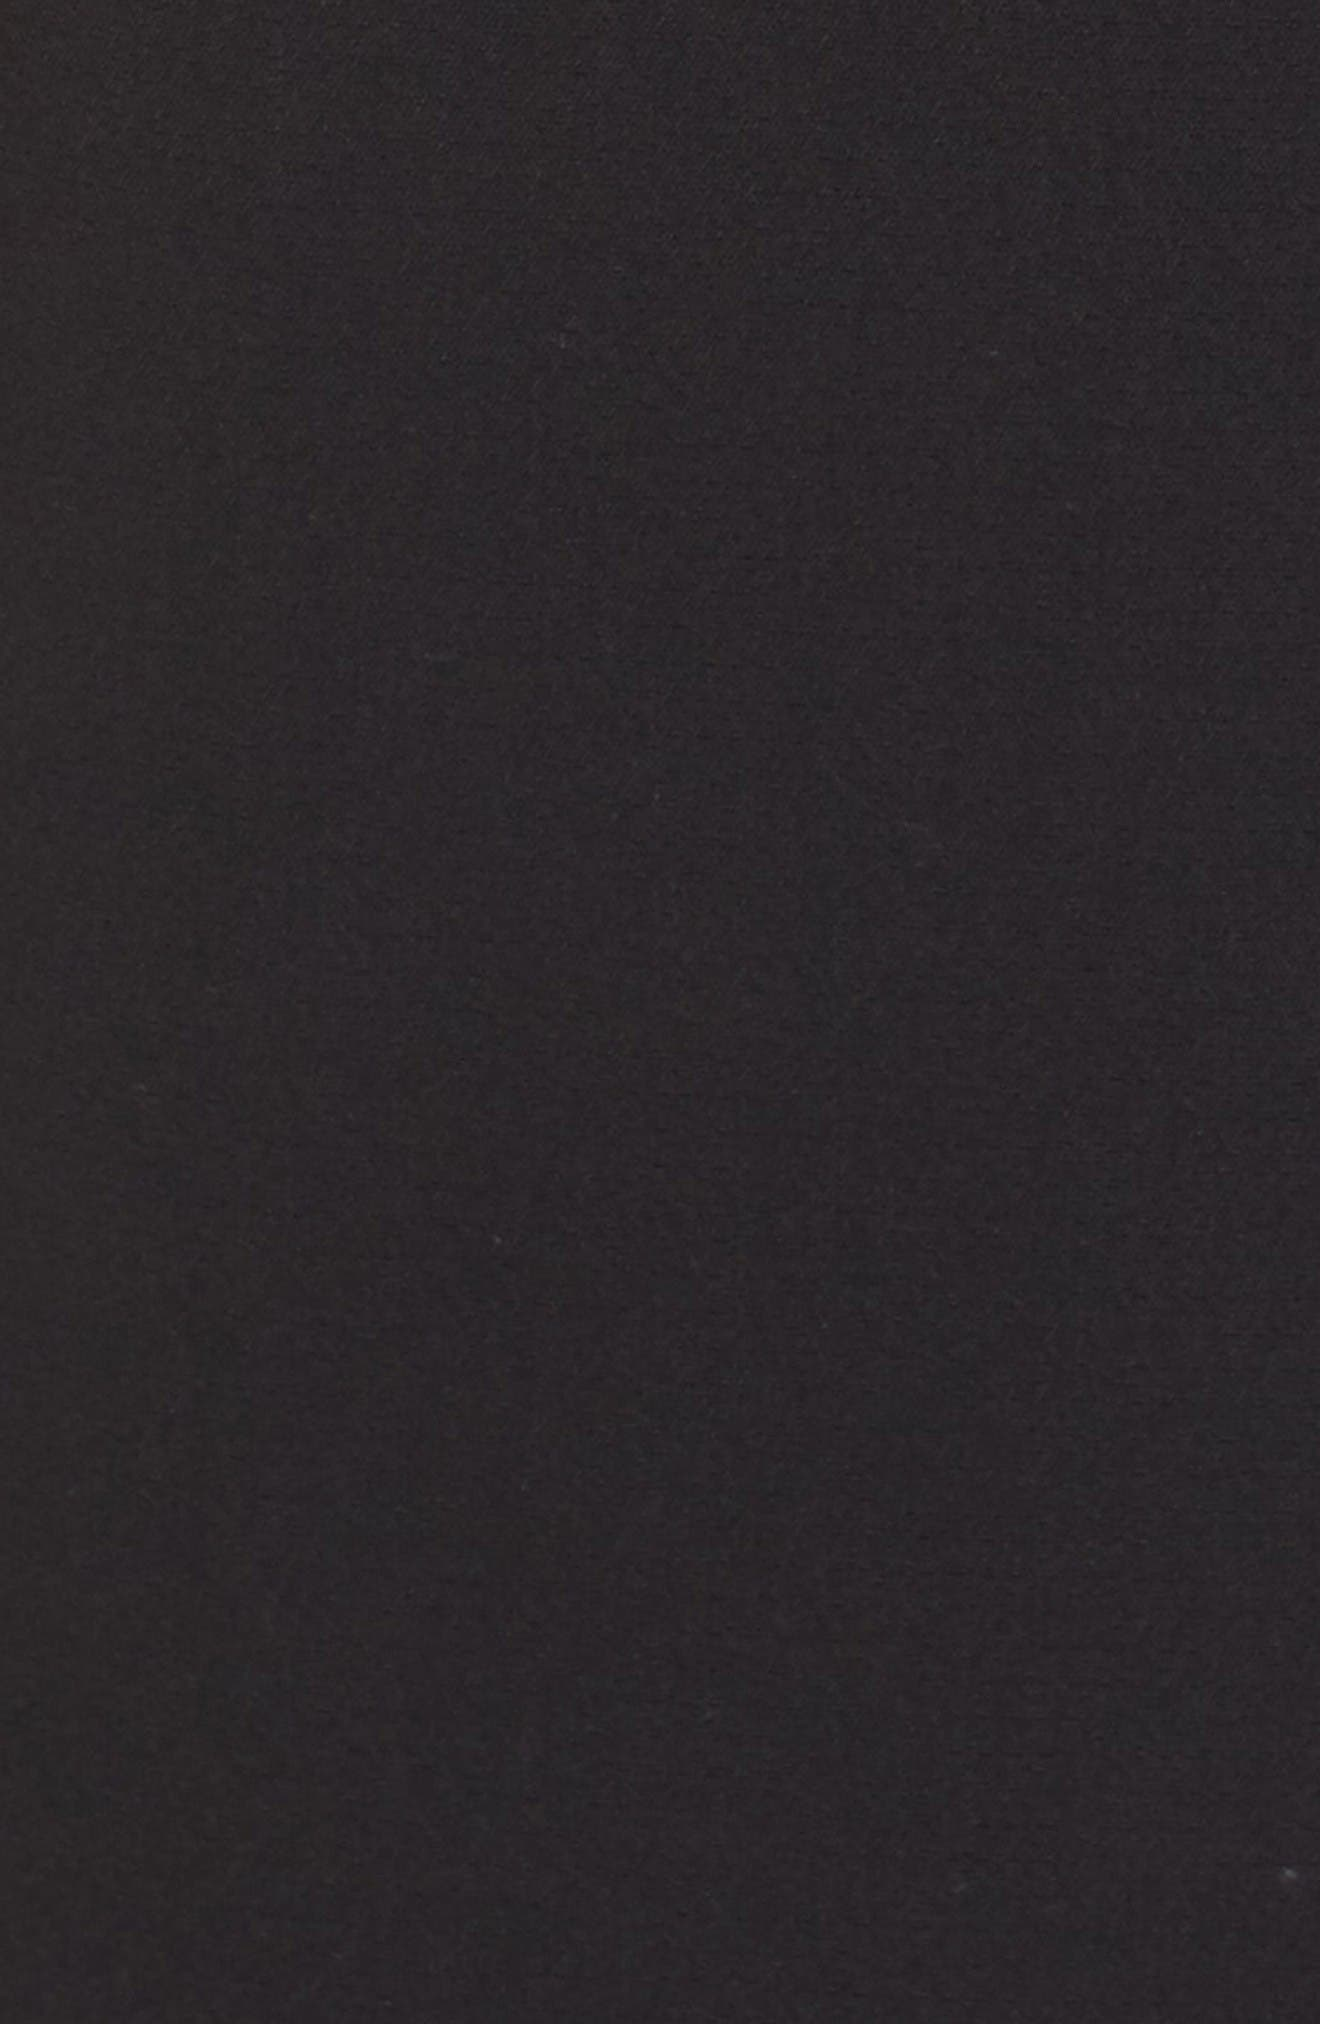 Crepe Sheath Dress,                             Alternate thumbnail 6, color,                             Black